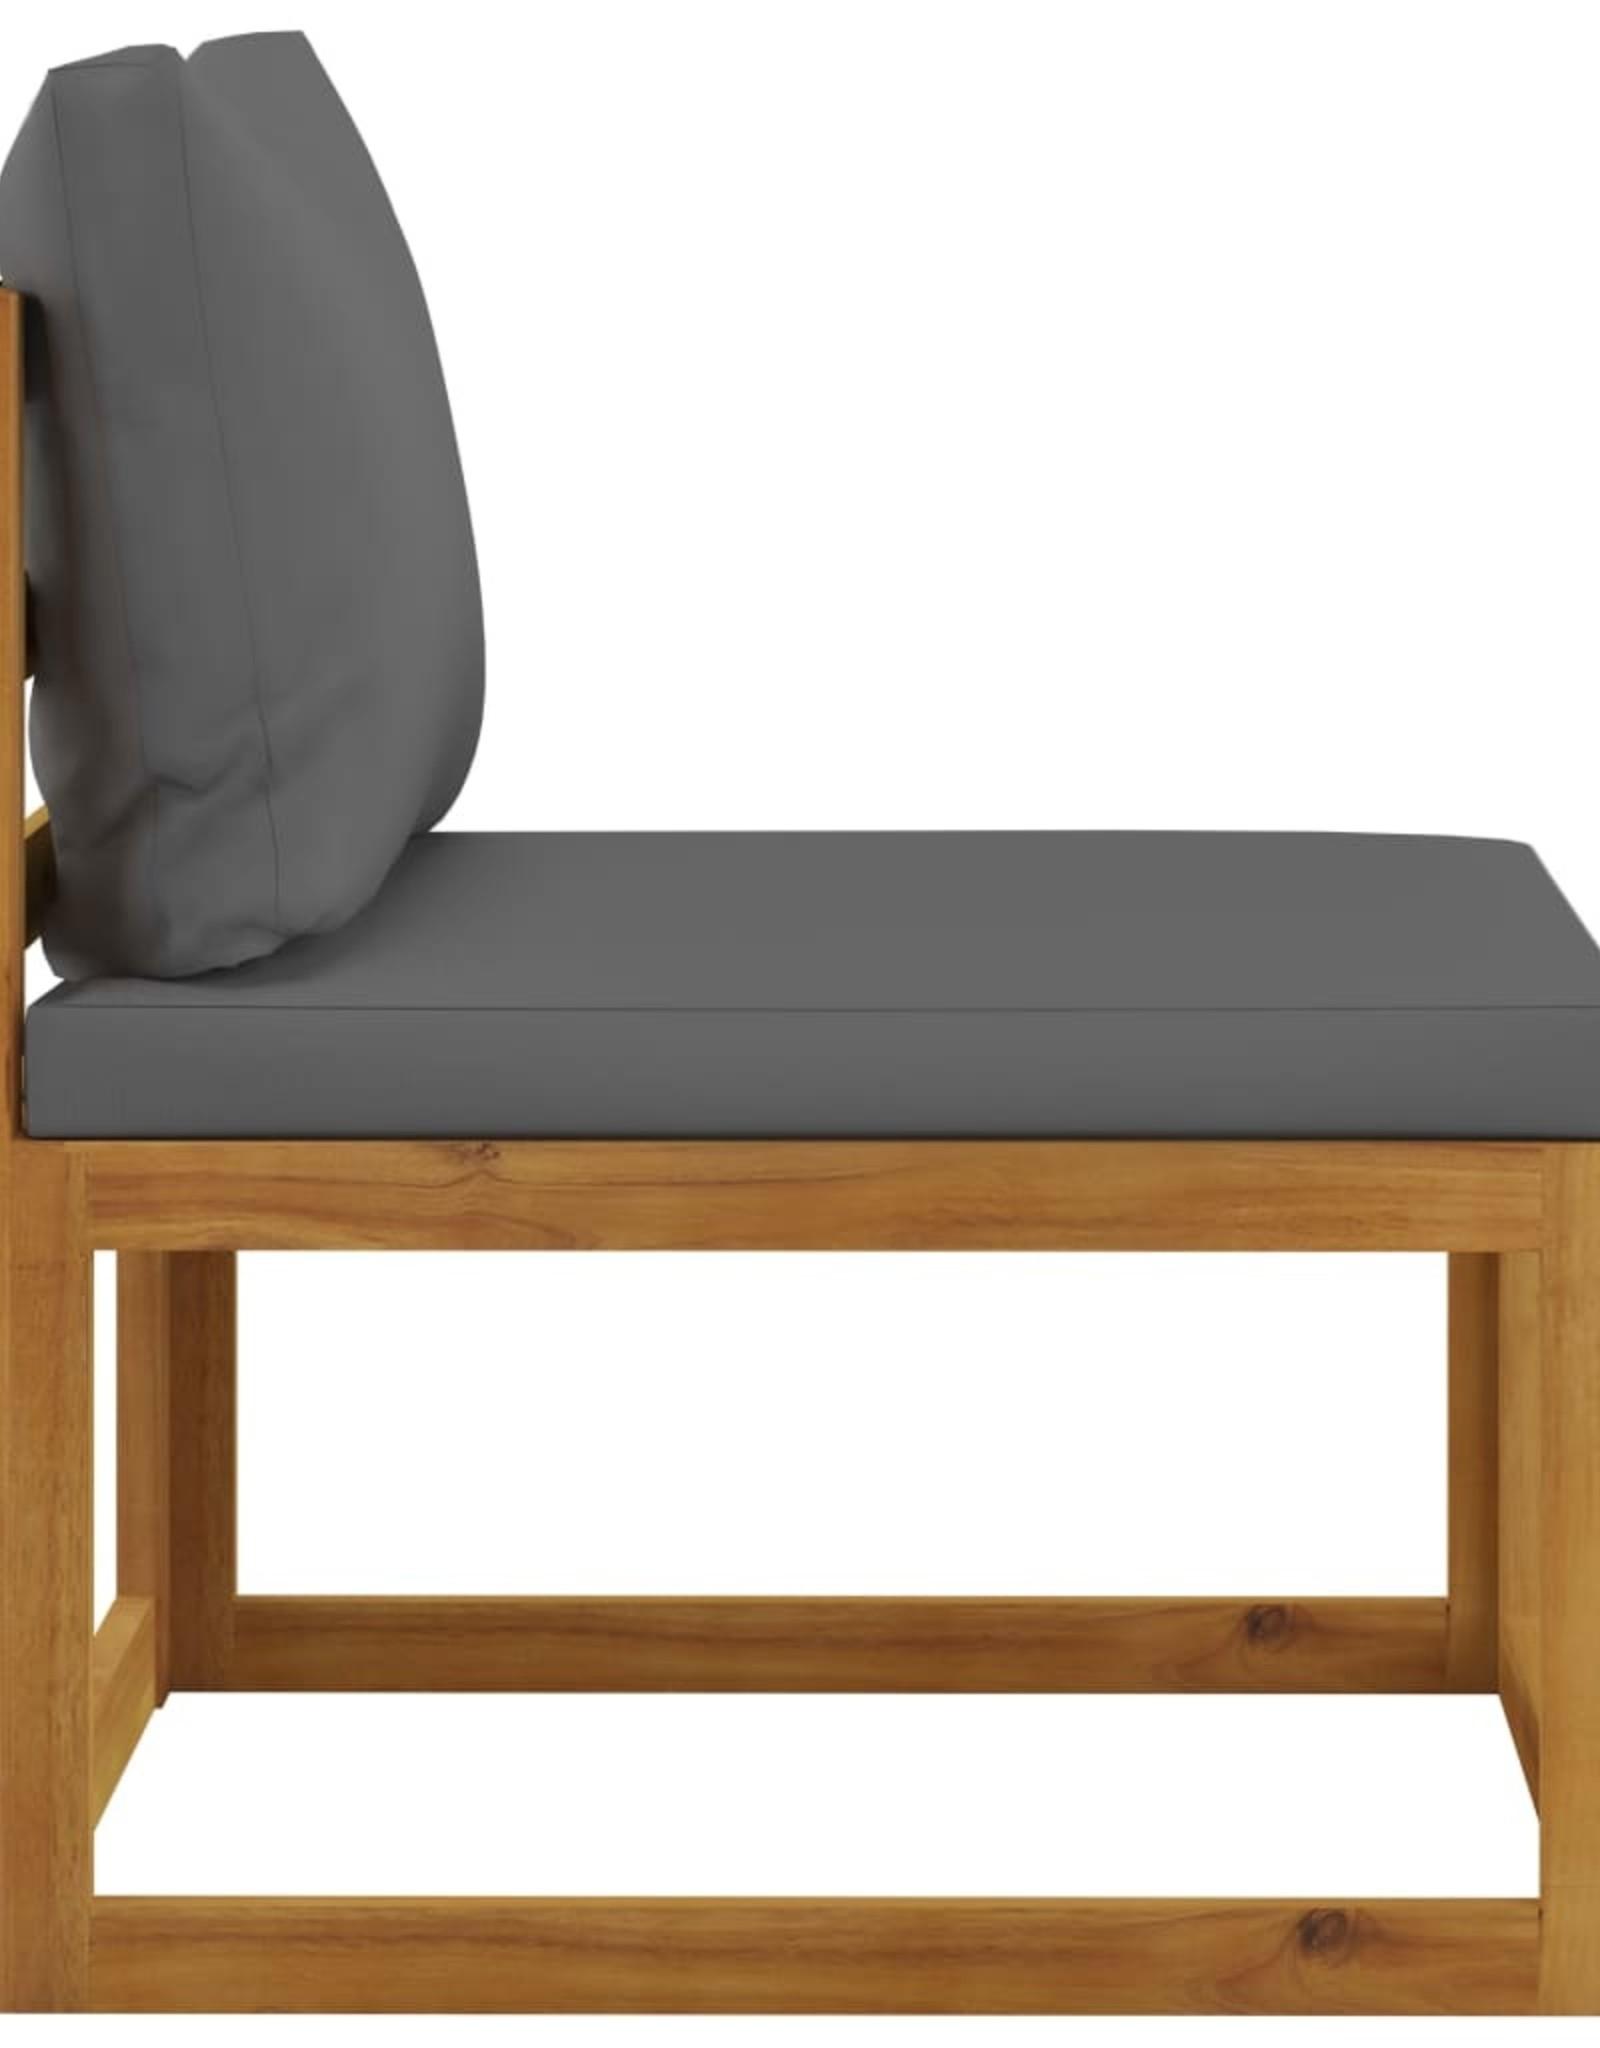 3-delige Loungeset met kussens massief acaciahout